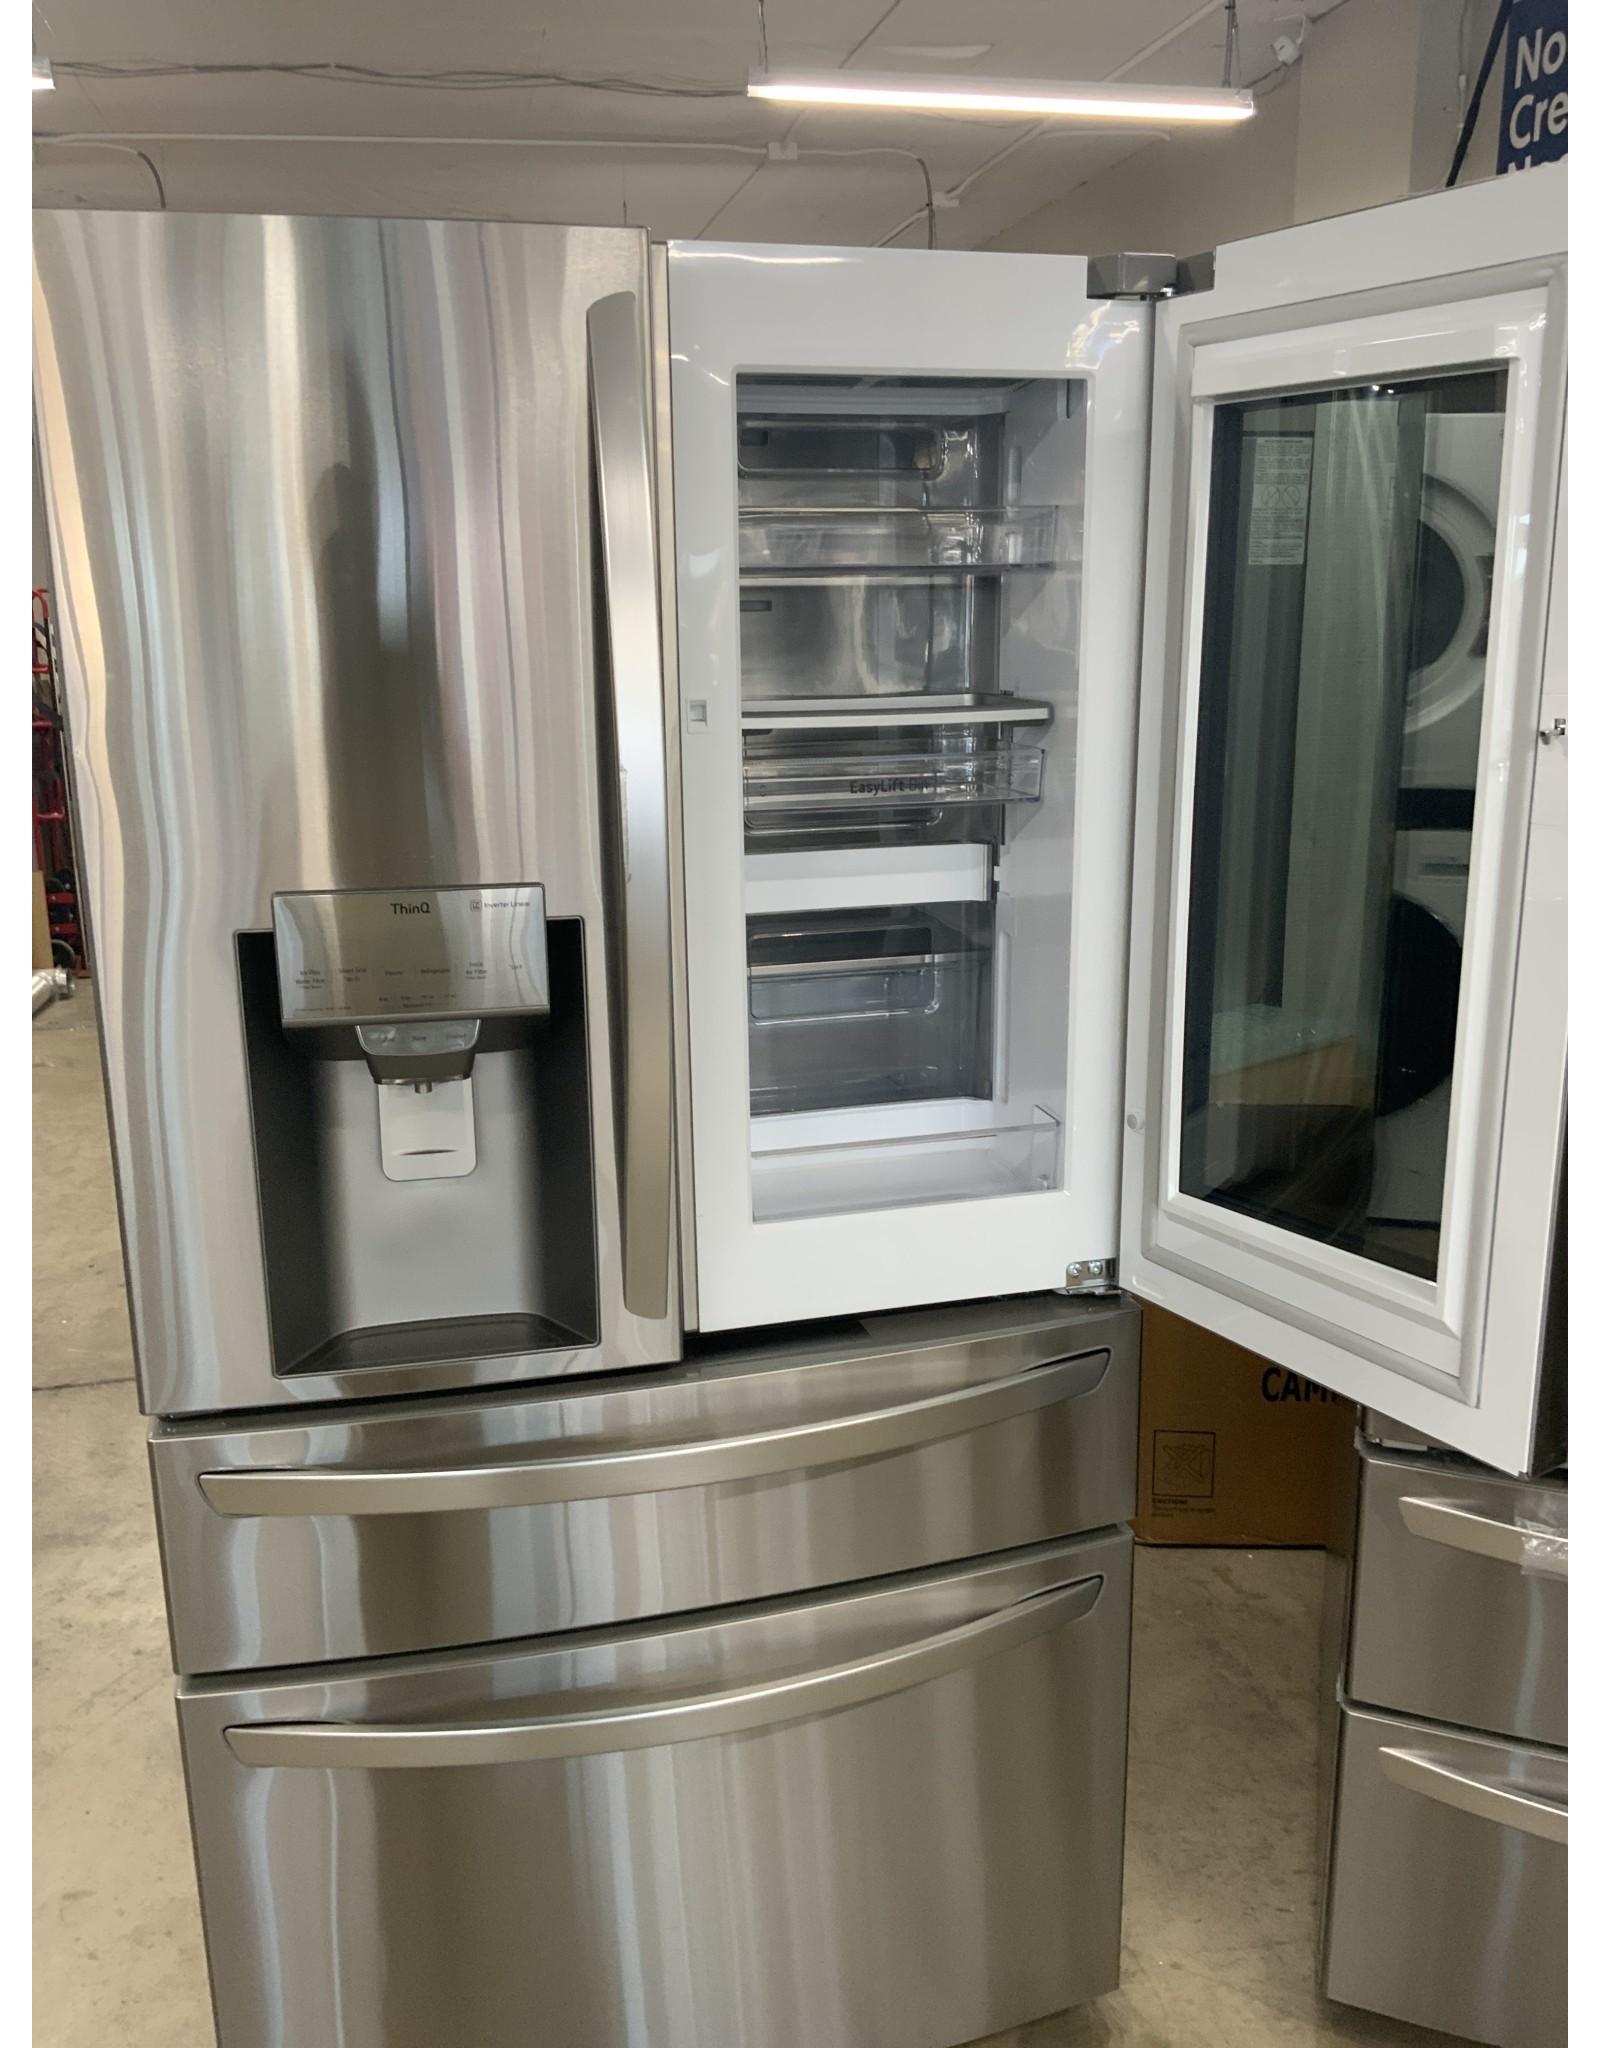 LG LG 22.5 cu. ft. Smart French Door Refrigerator InstaView Door-In-Door Dual and Craft Ice in PrintProof Stainless